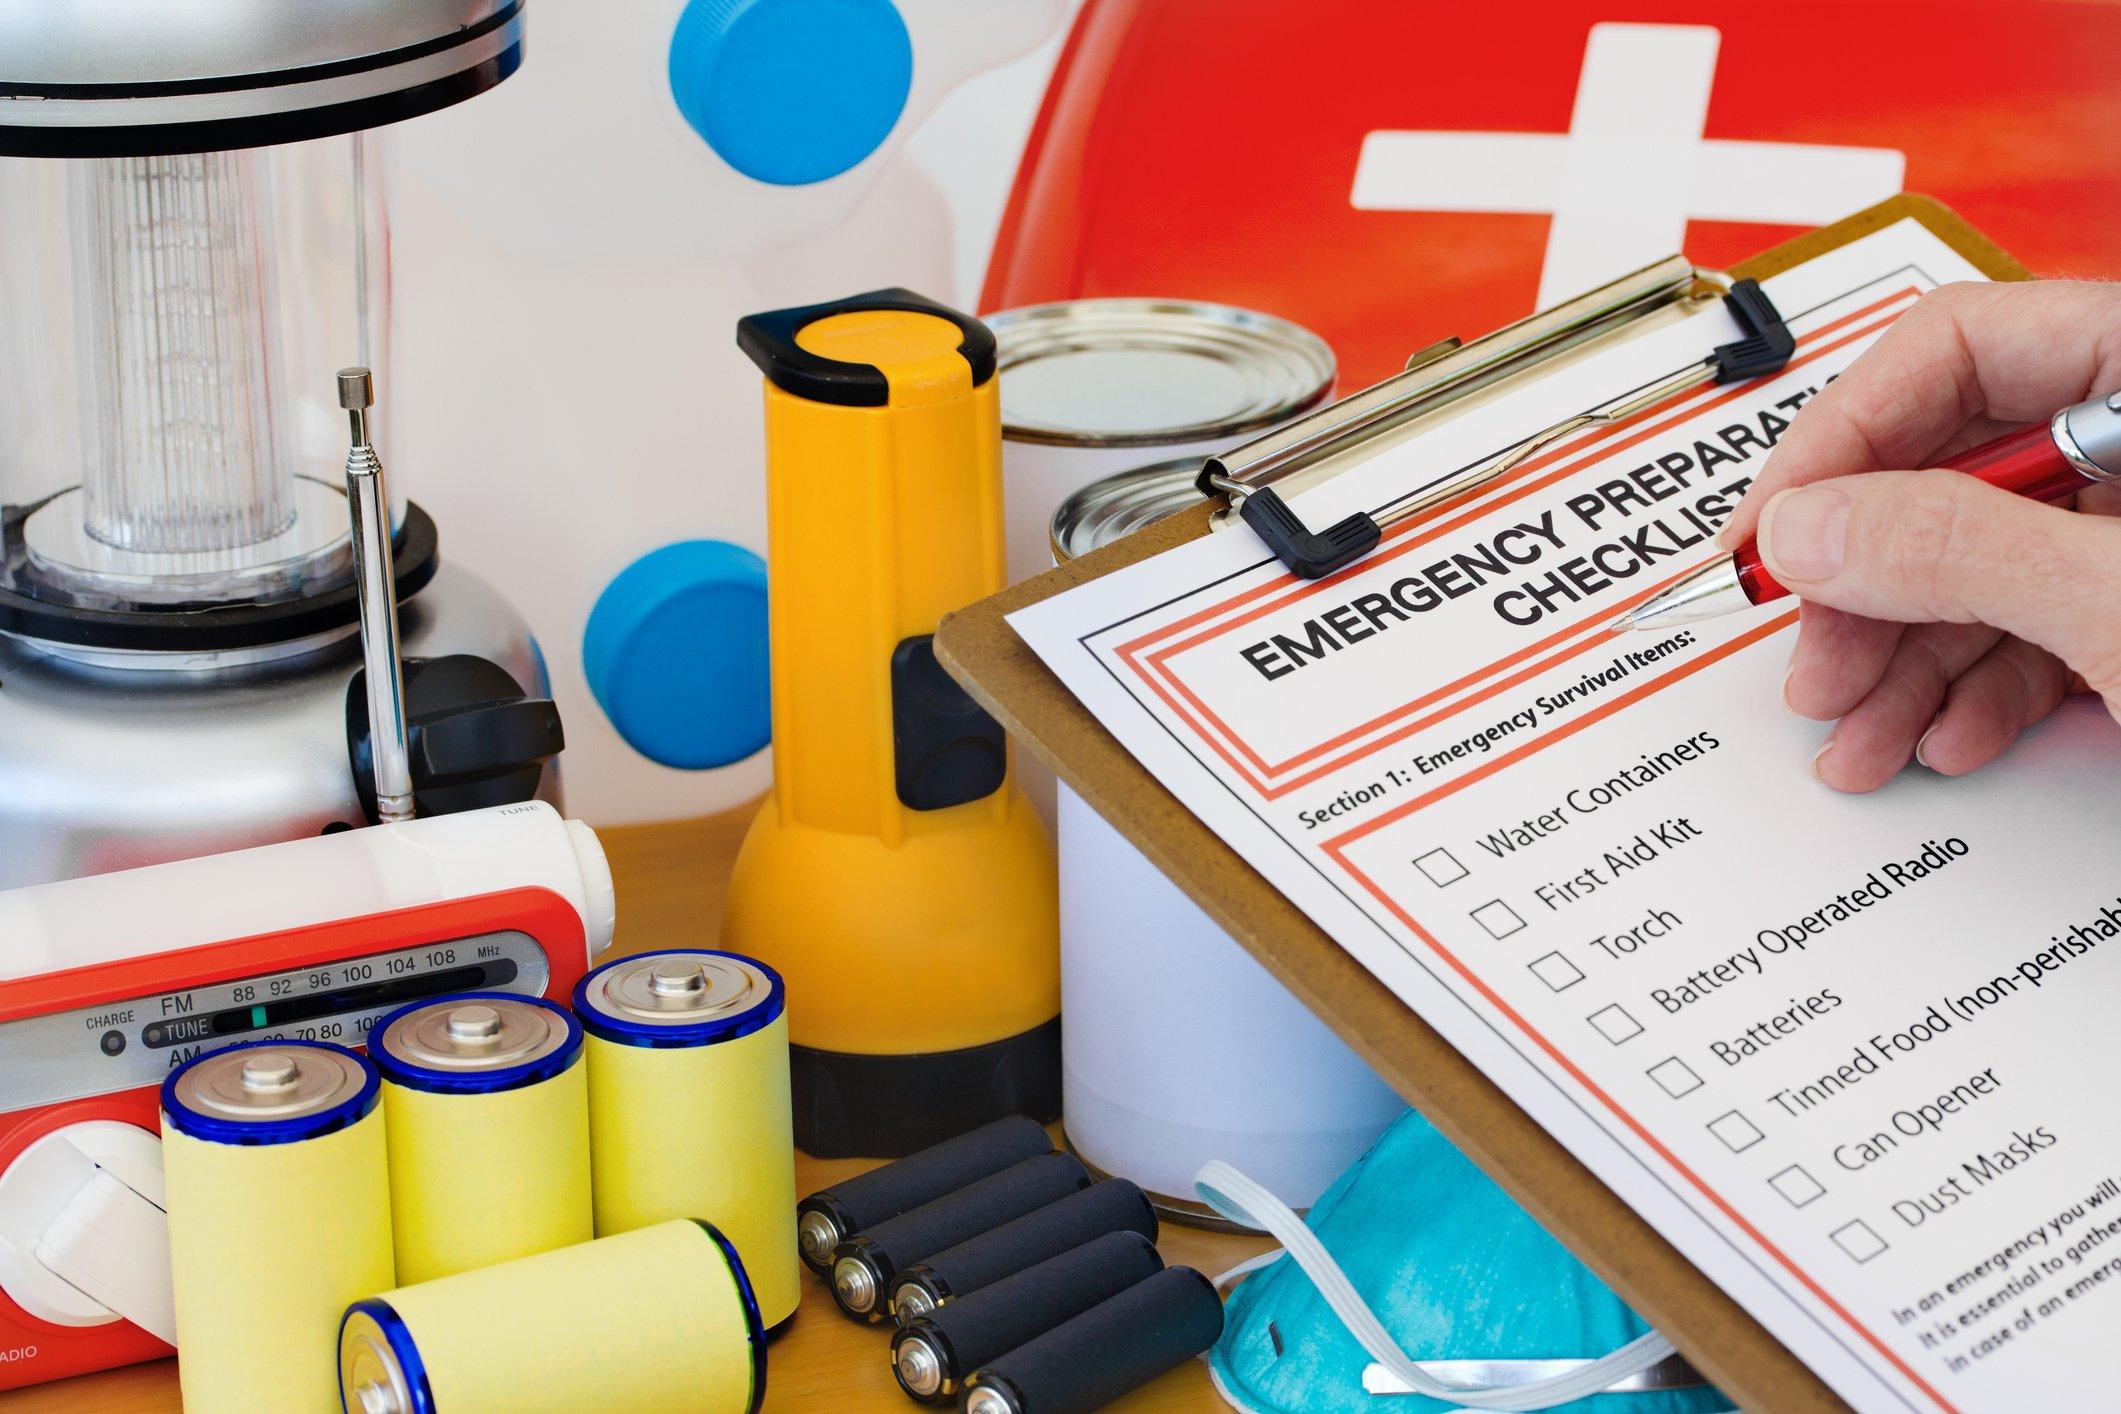 trauma kit supplies